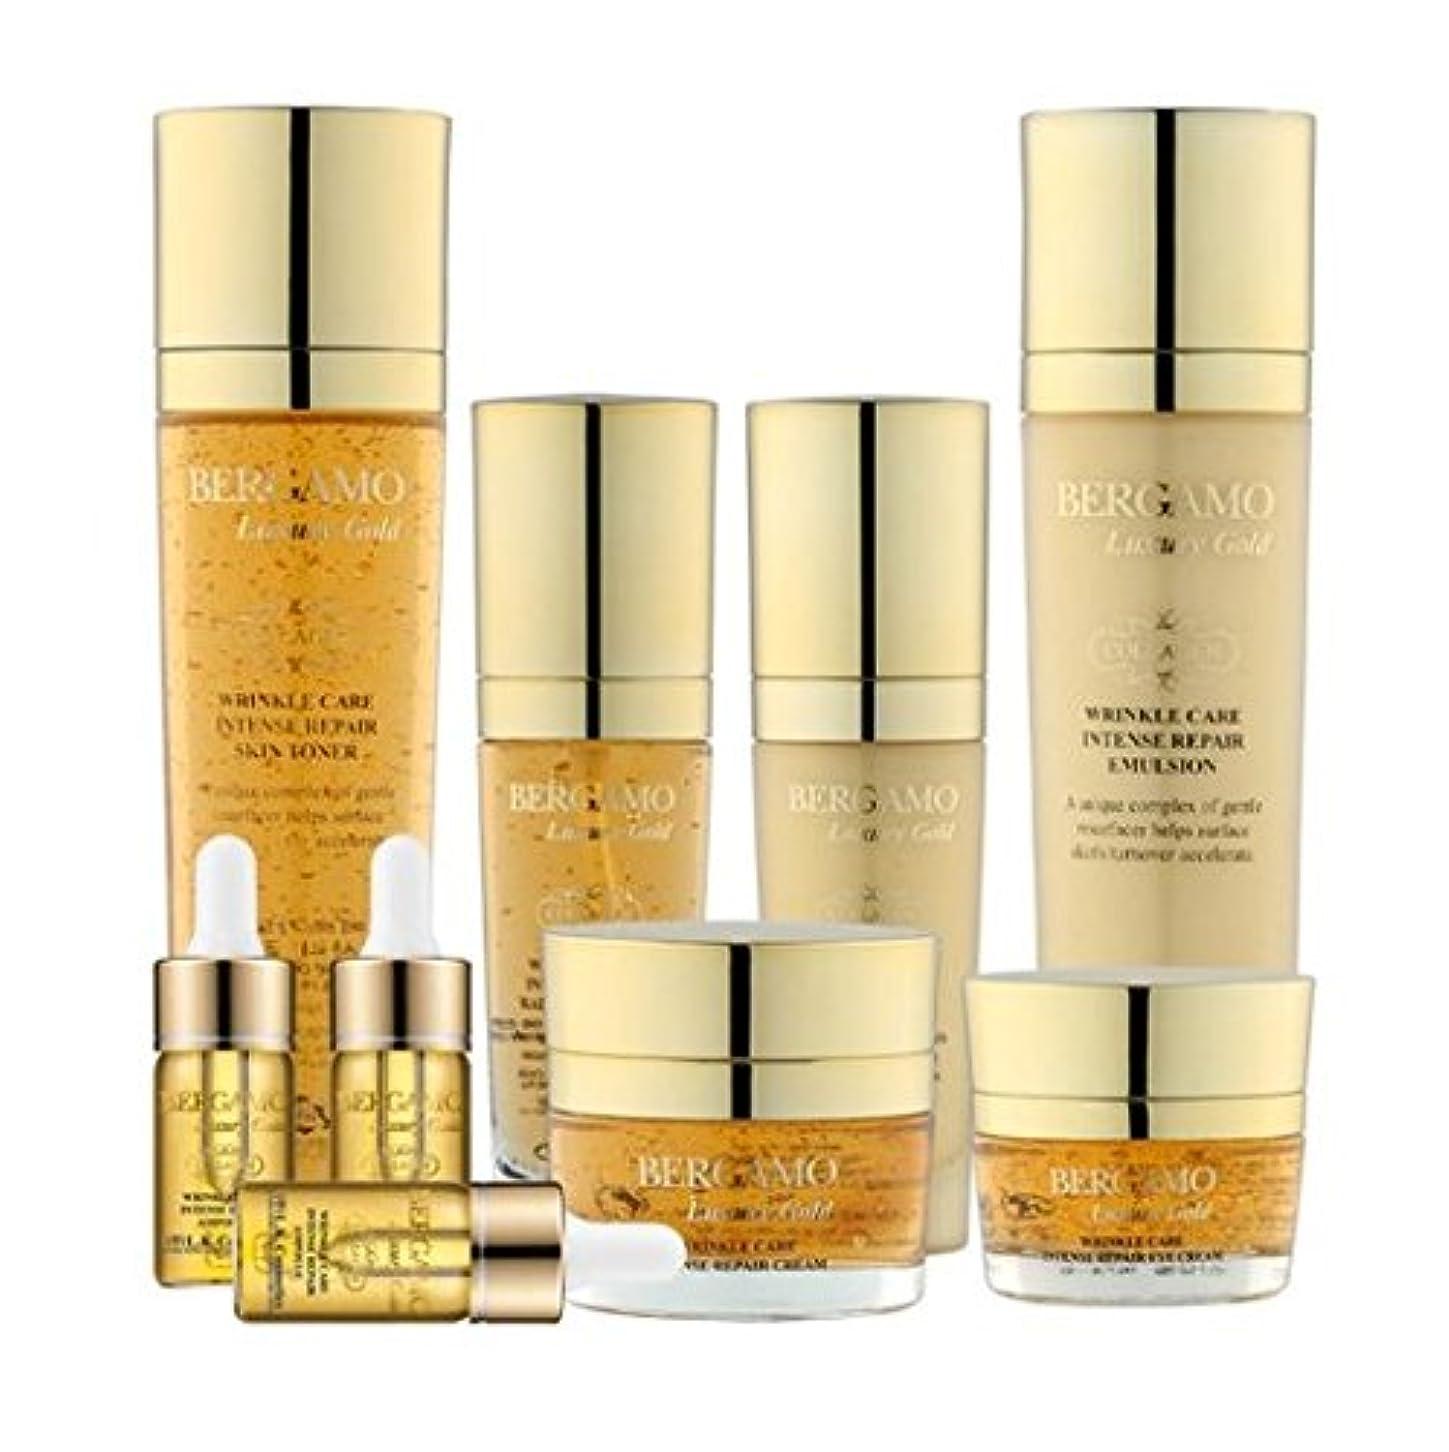 火炎しなければならないデモンストレーションベルガモ[韓国コスメBergamo]Luxury Gold Collagen Set ラグジュアリーゴールドコラーゲン9セット,ギフトセット,トナー,エマルジョン,エッセンス、アイクリーム、クリーム、アンプル [並行輸入品]